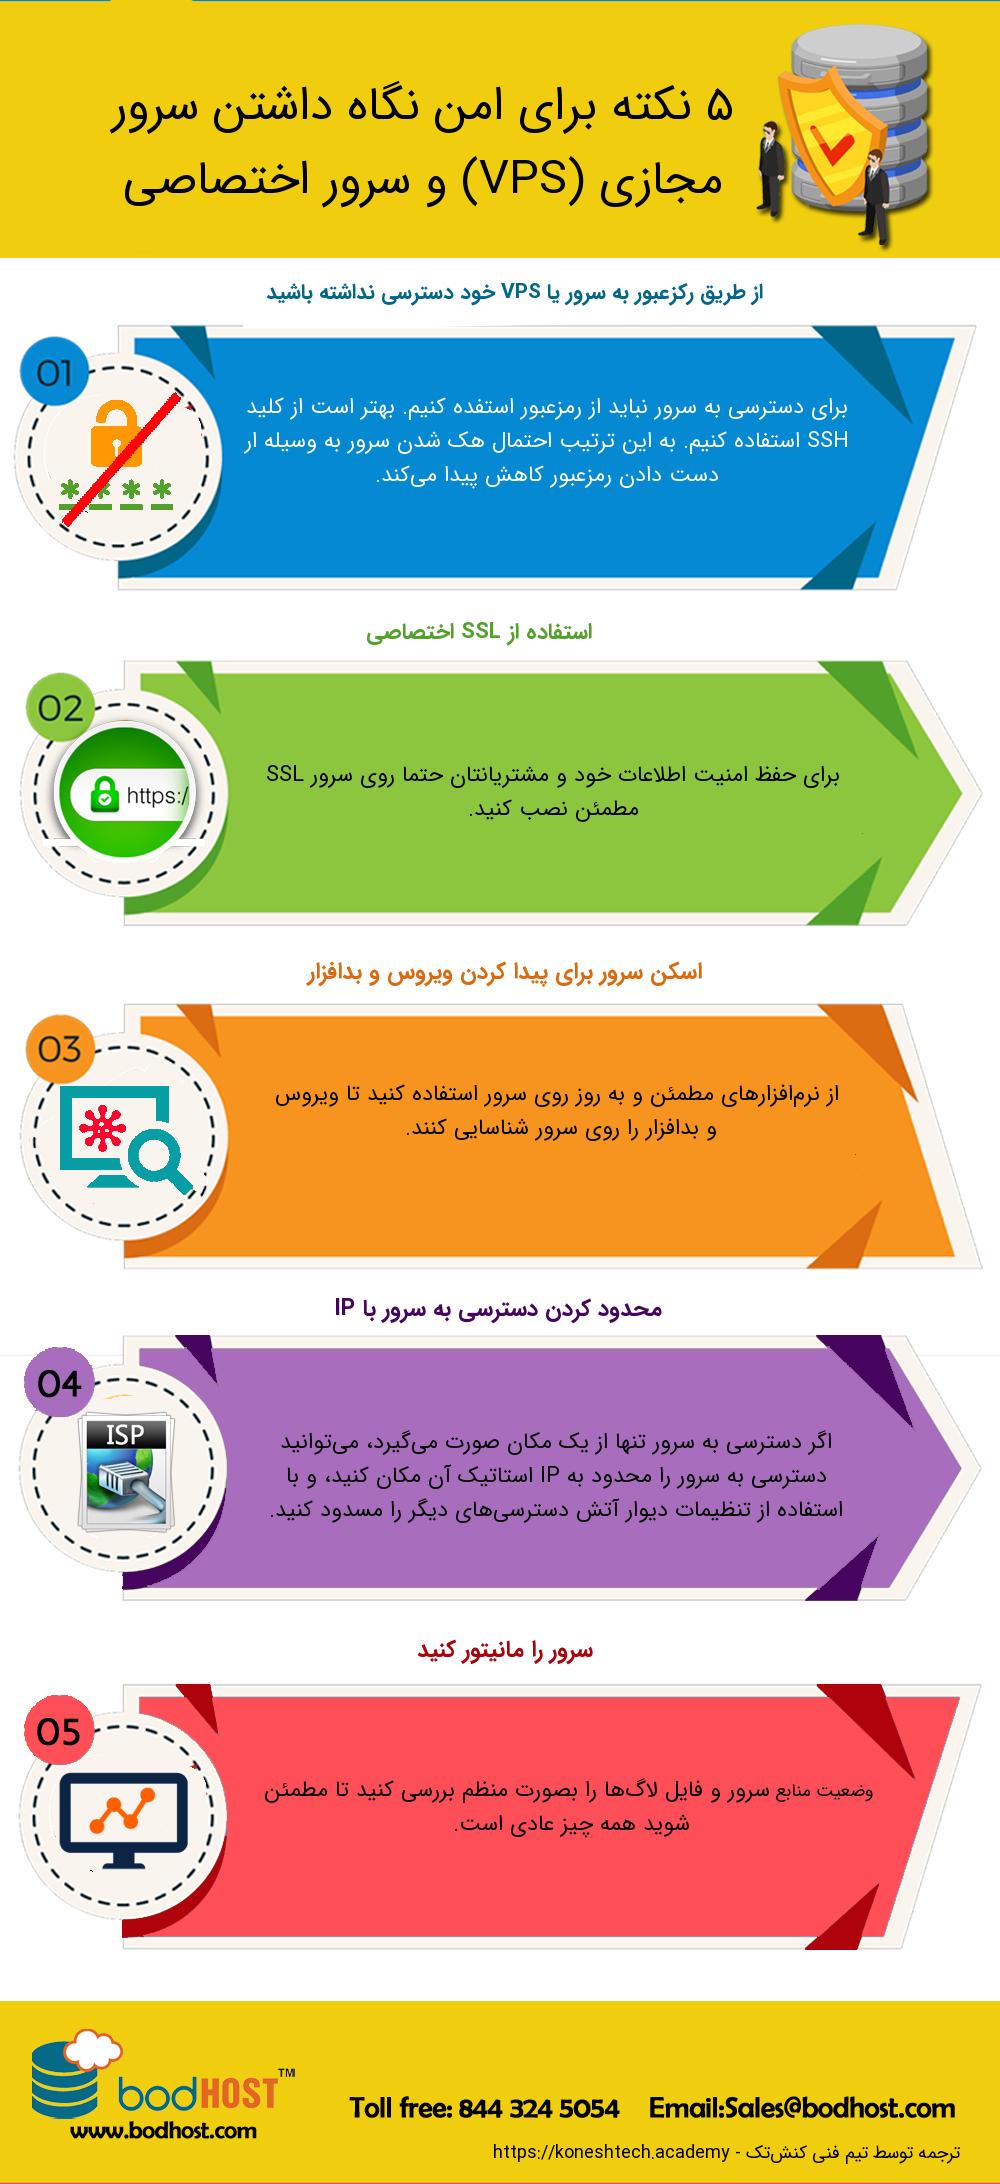 ۵ نکته برای امنیت سرور مجازی و اختصاصی